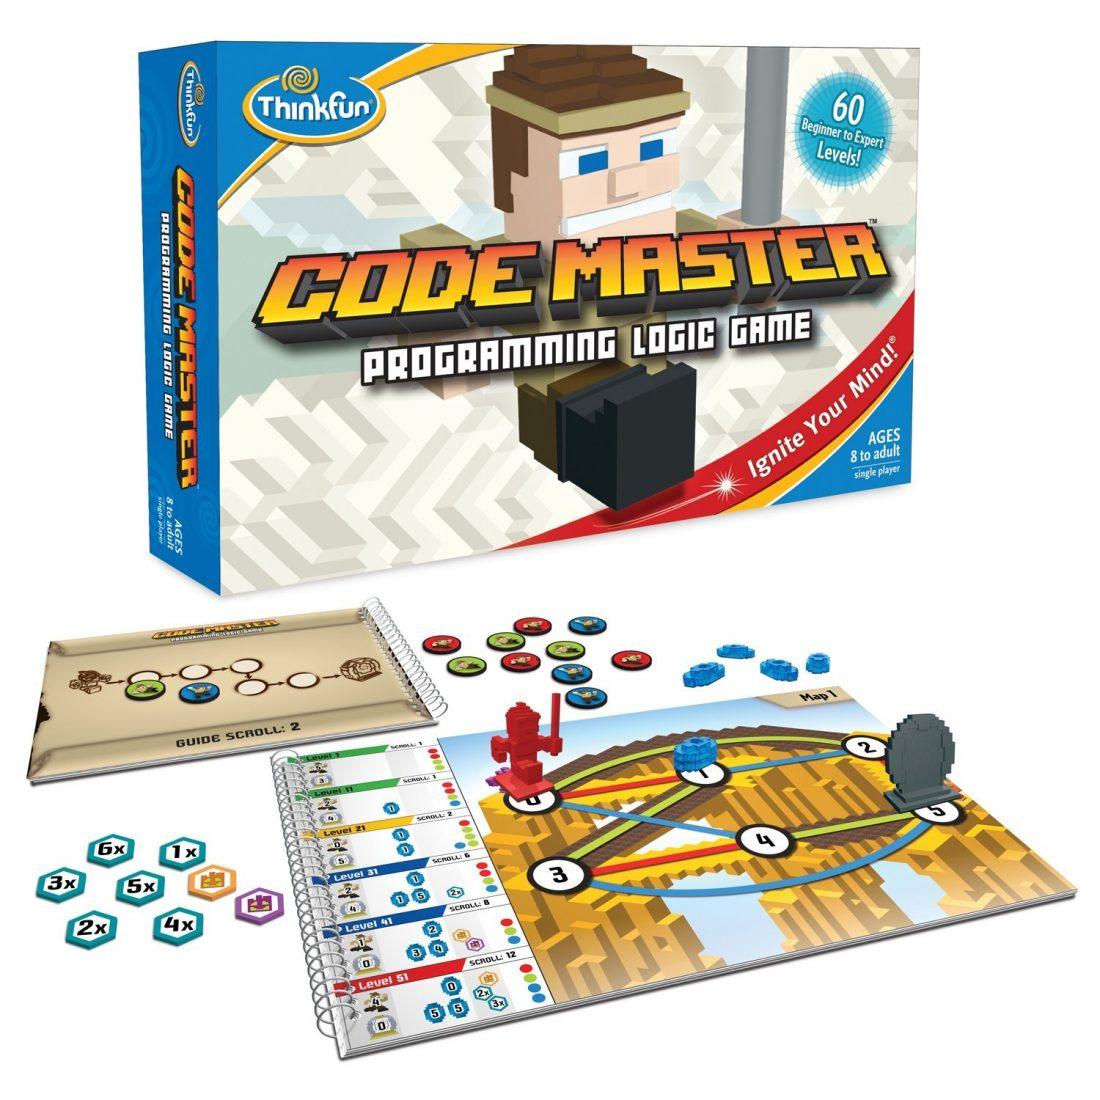 Think Fun Code Master Programming Logic Gam